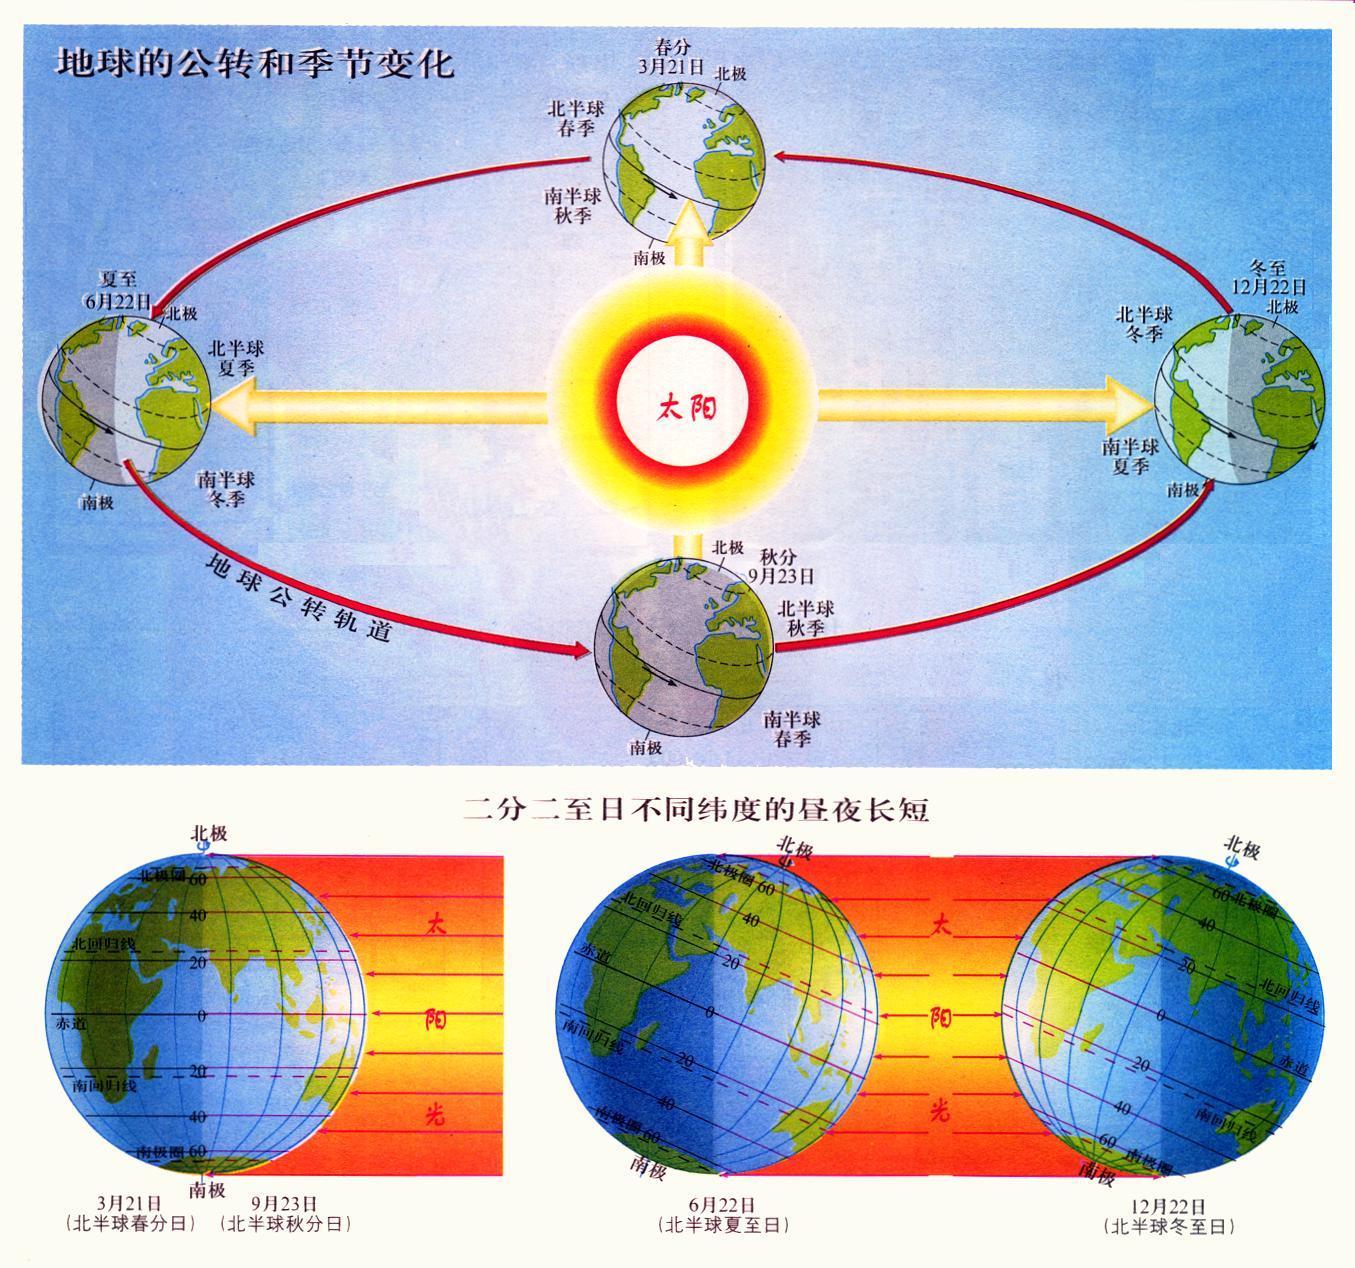 动画详解地球公转和晨昏